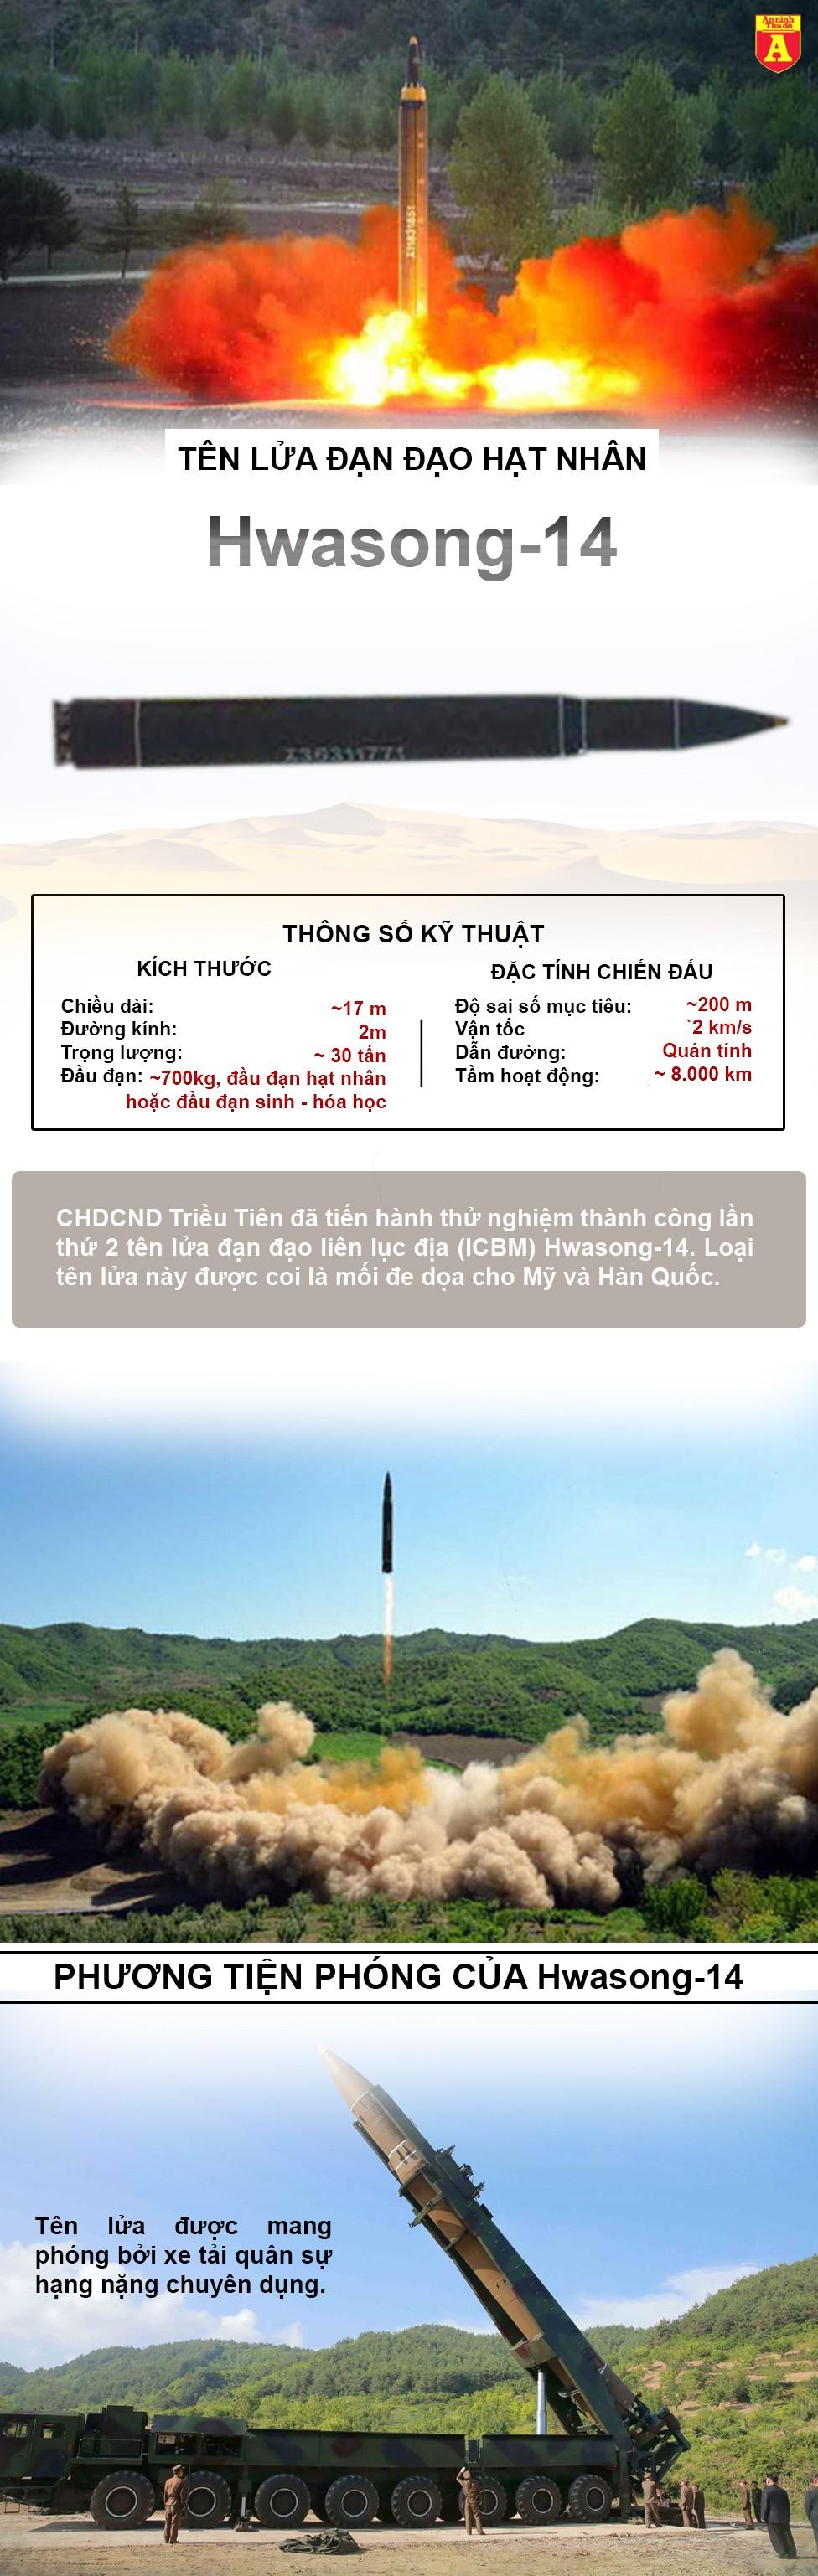 [Info] Sức mạnh loại tên lửa đạn đạo hạt nhân Triều Tiên vừa bị Hàn Quốc mô phỏng phá hủy ảnh 3